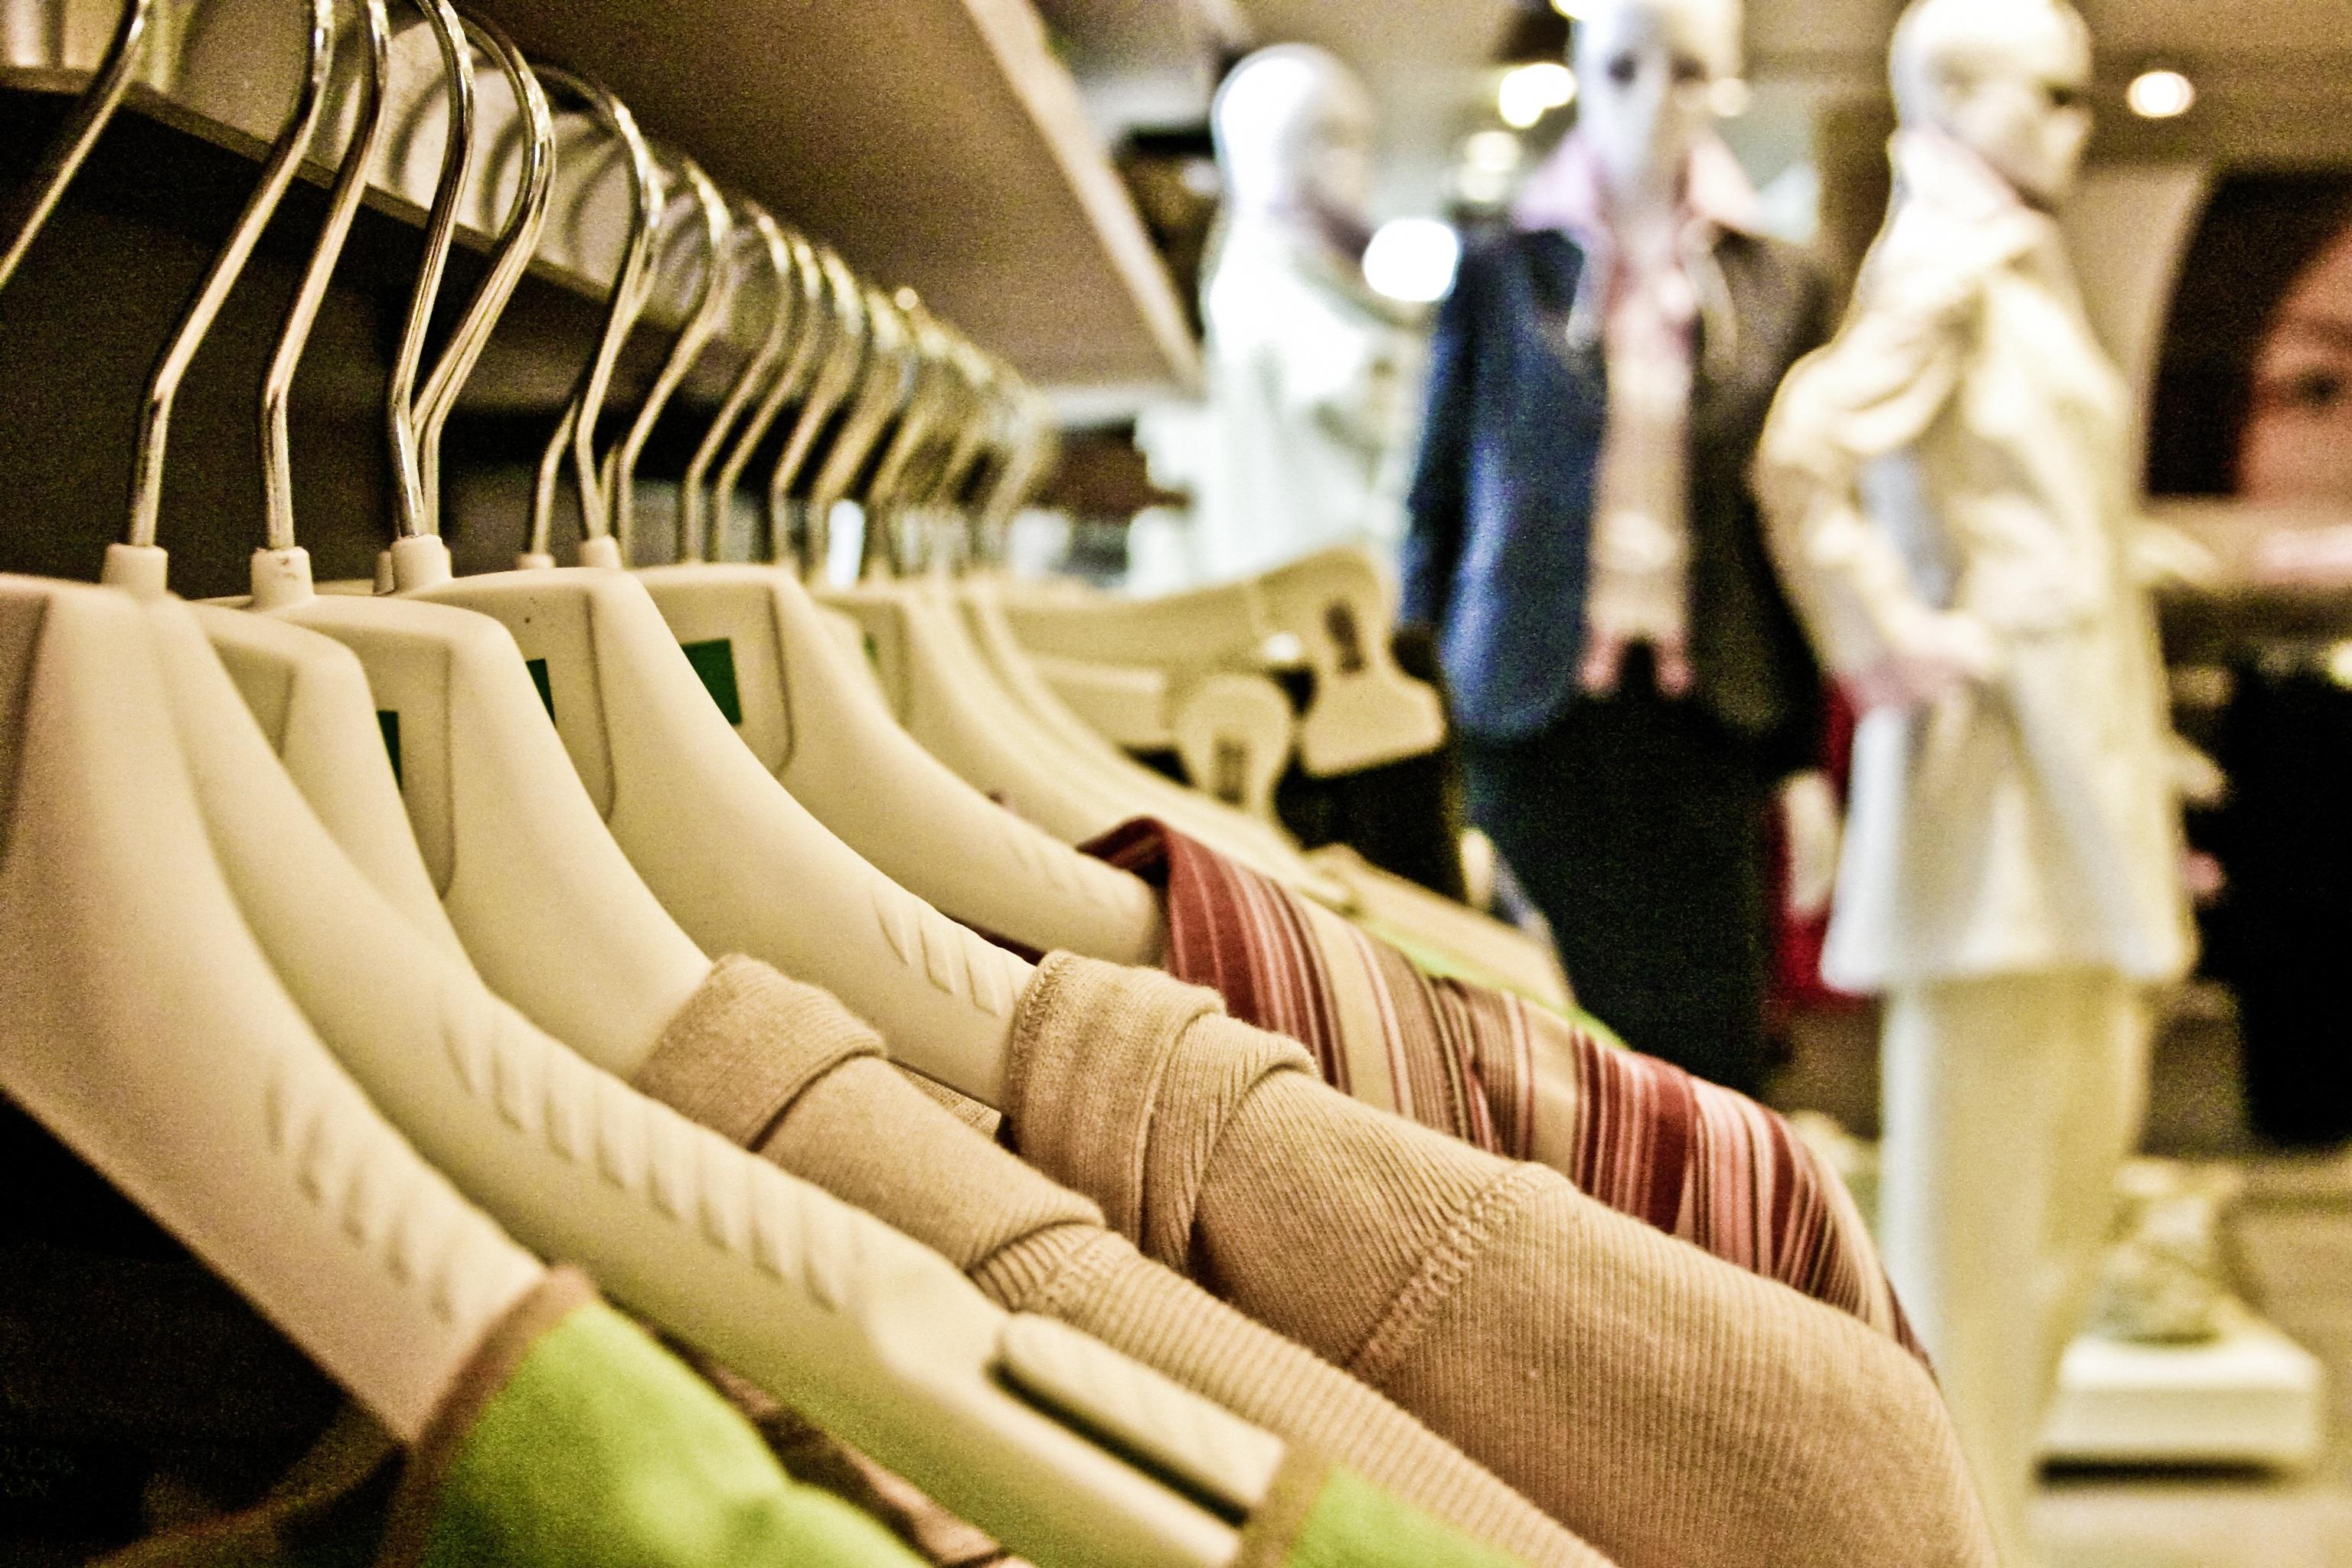 Kostenlose foto : Schuh, Mode, Kleidung, Einkaufen, Spielzeug ...